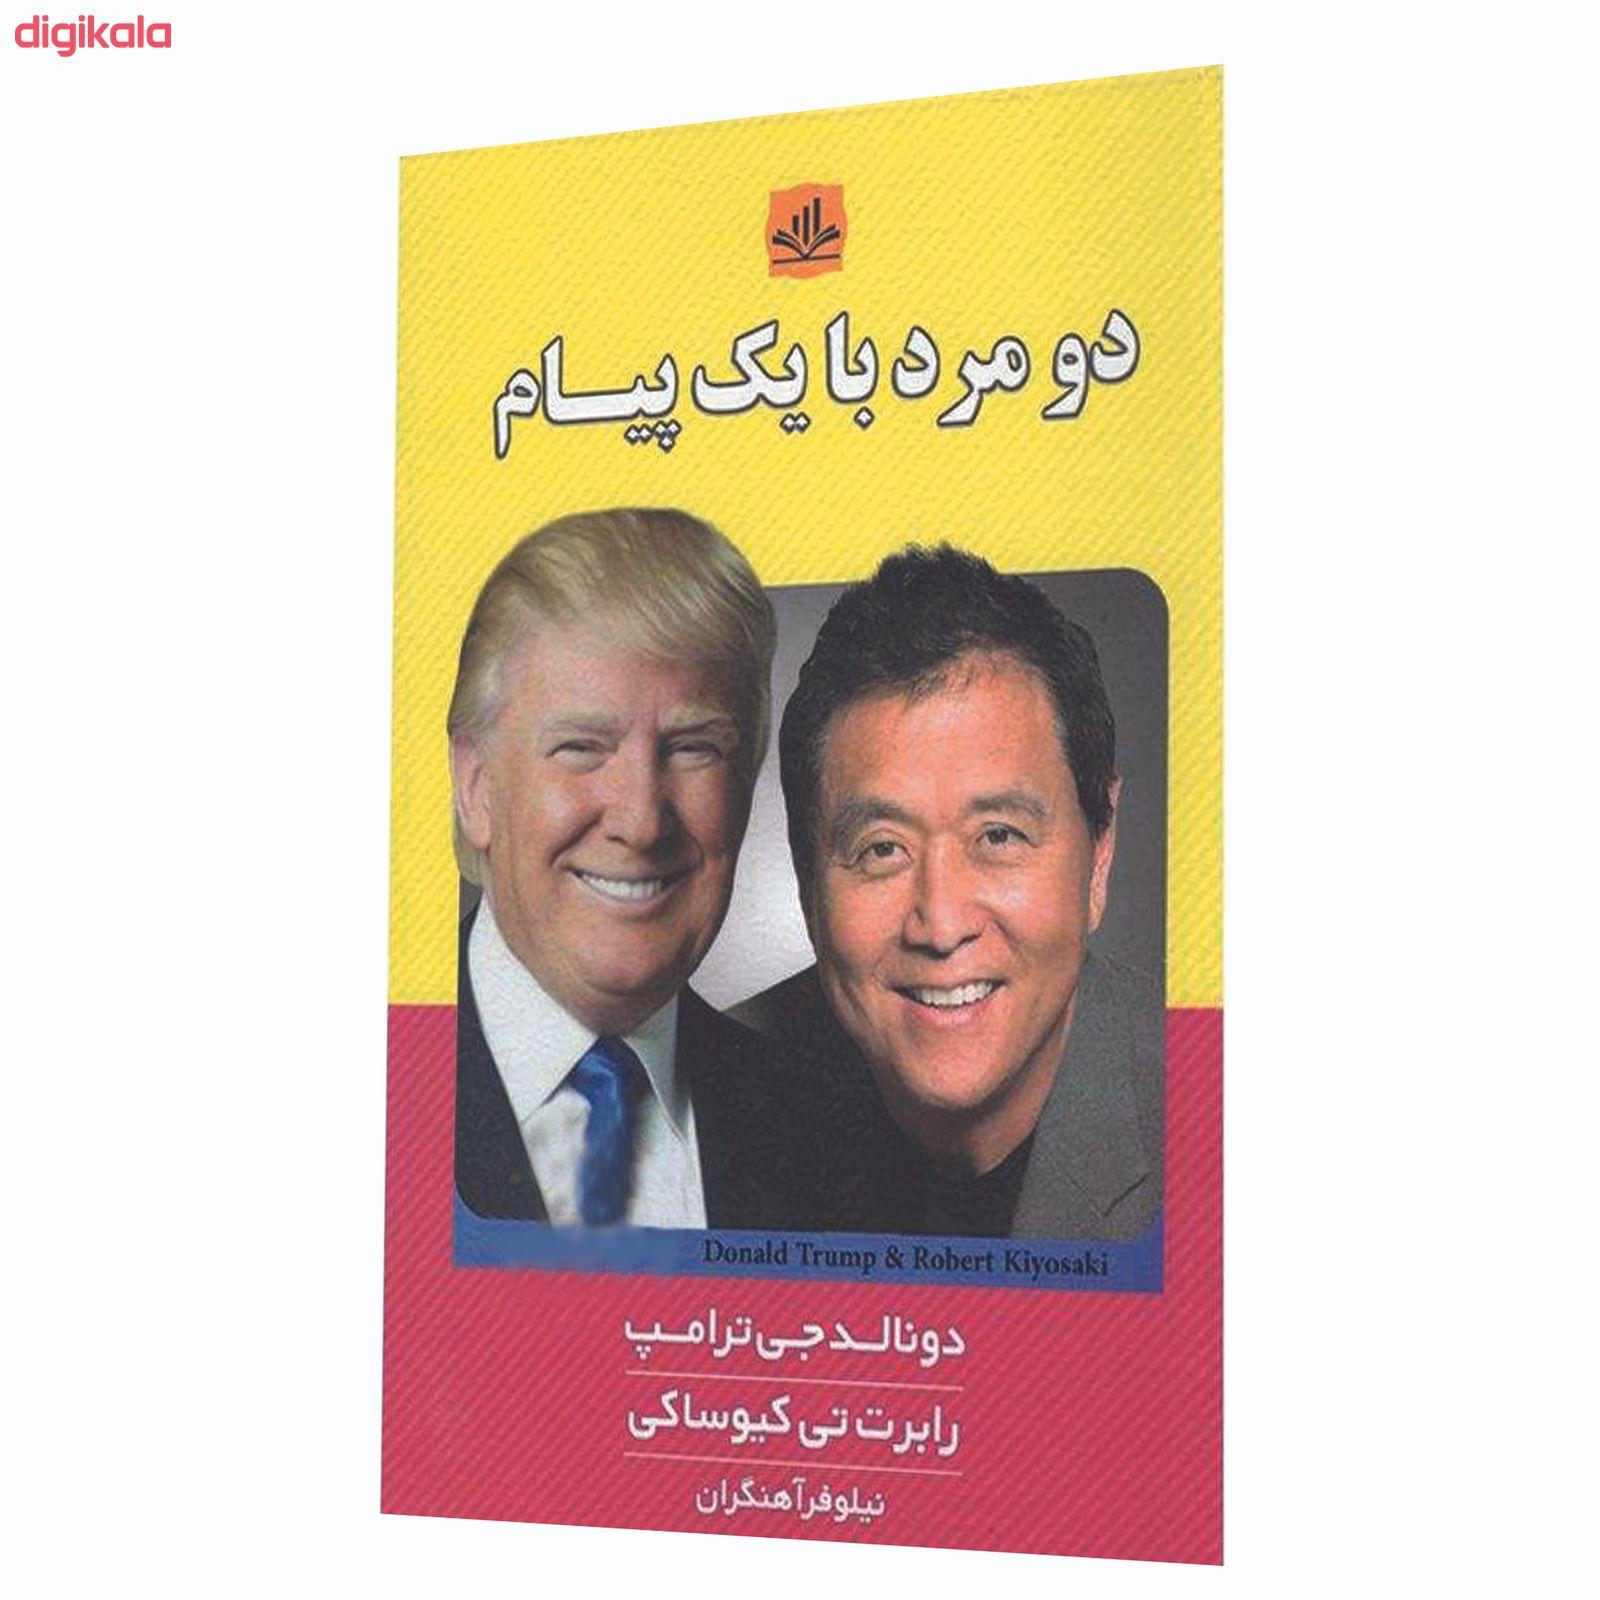 کتاب دو مرد با یک پیام اثر دونالد جی ترامپ و رابرت کیوساکی انتشارات الماس پارسیان main 1 1